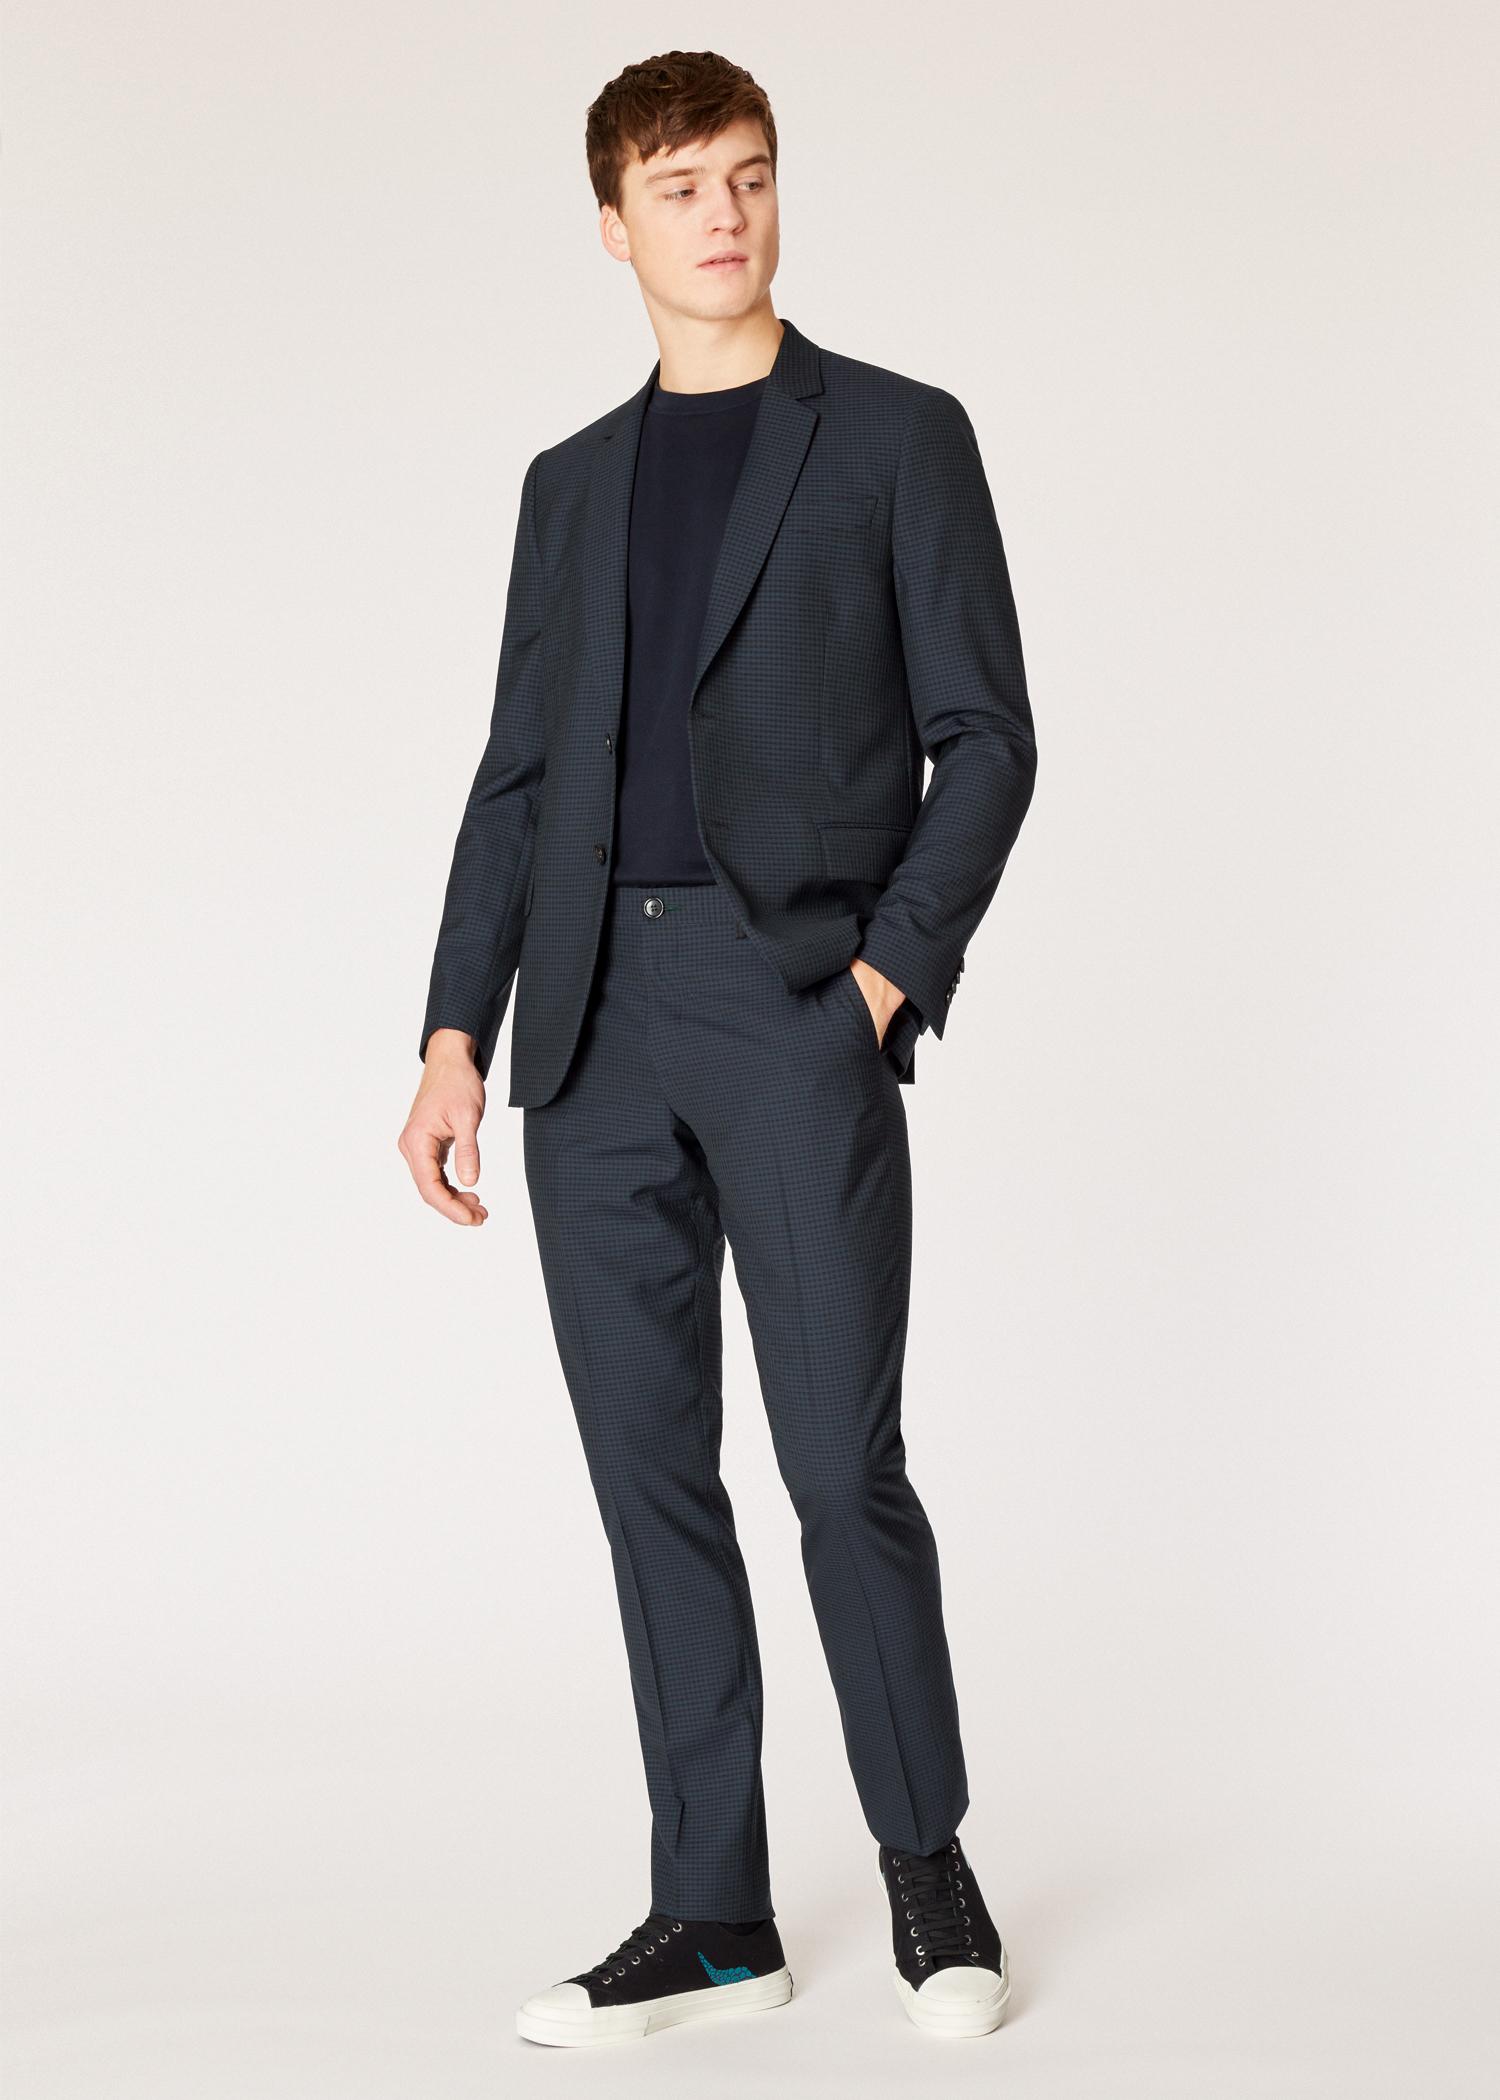 pantalon homme bleu marine fonc carreaux en laine coupe mid fit paul smith francais. Black Bedroom Furniture Sets. Home Design Ideas